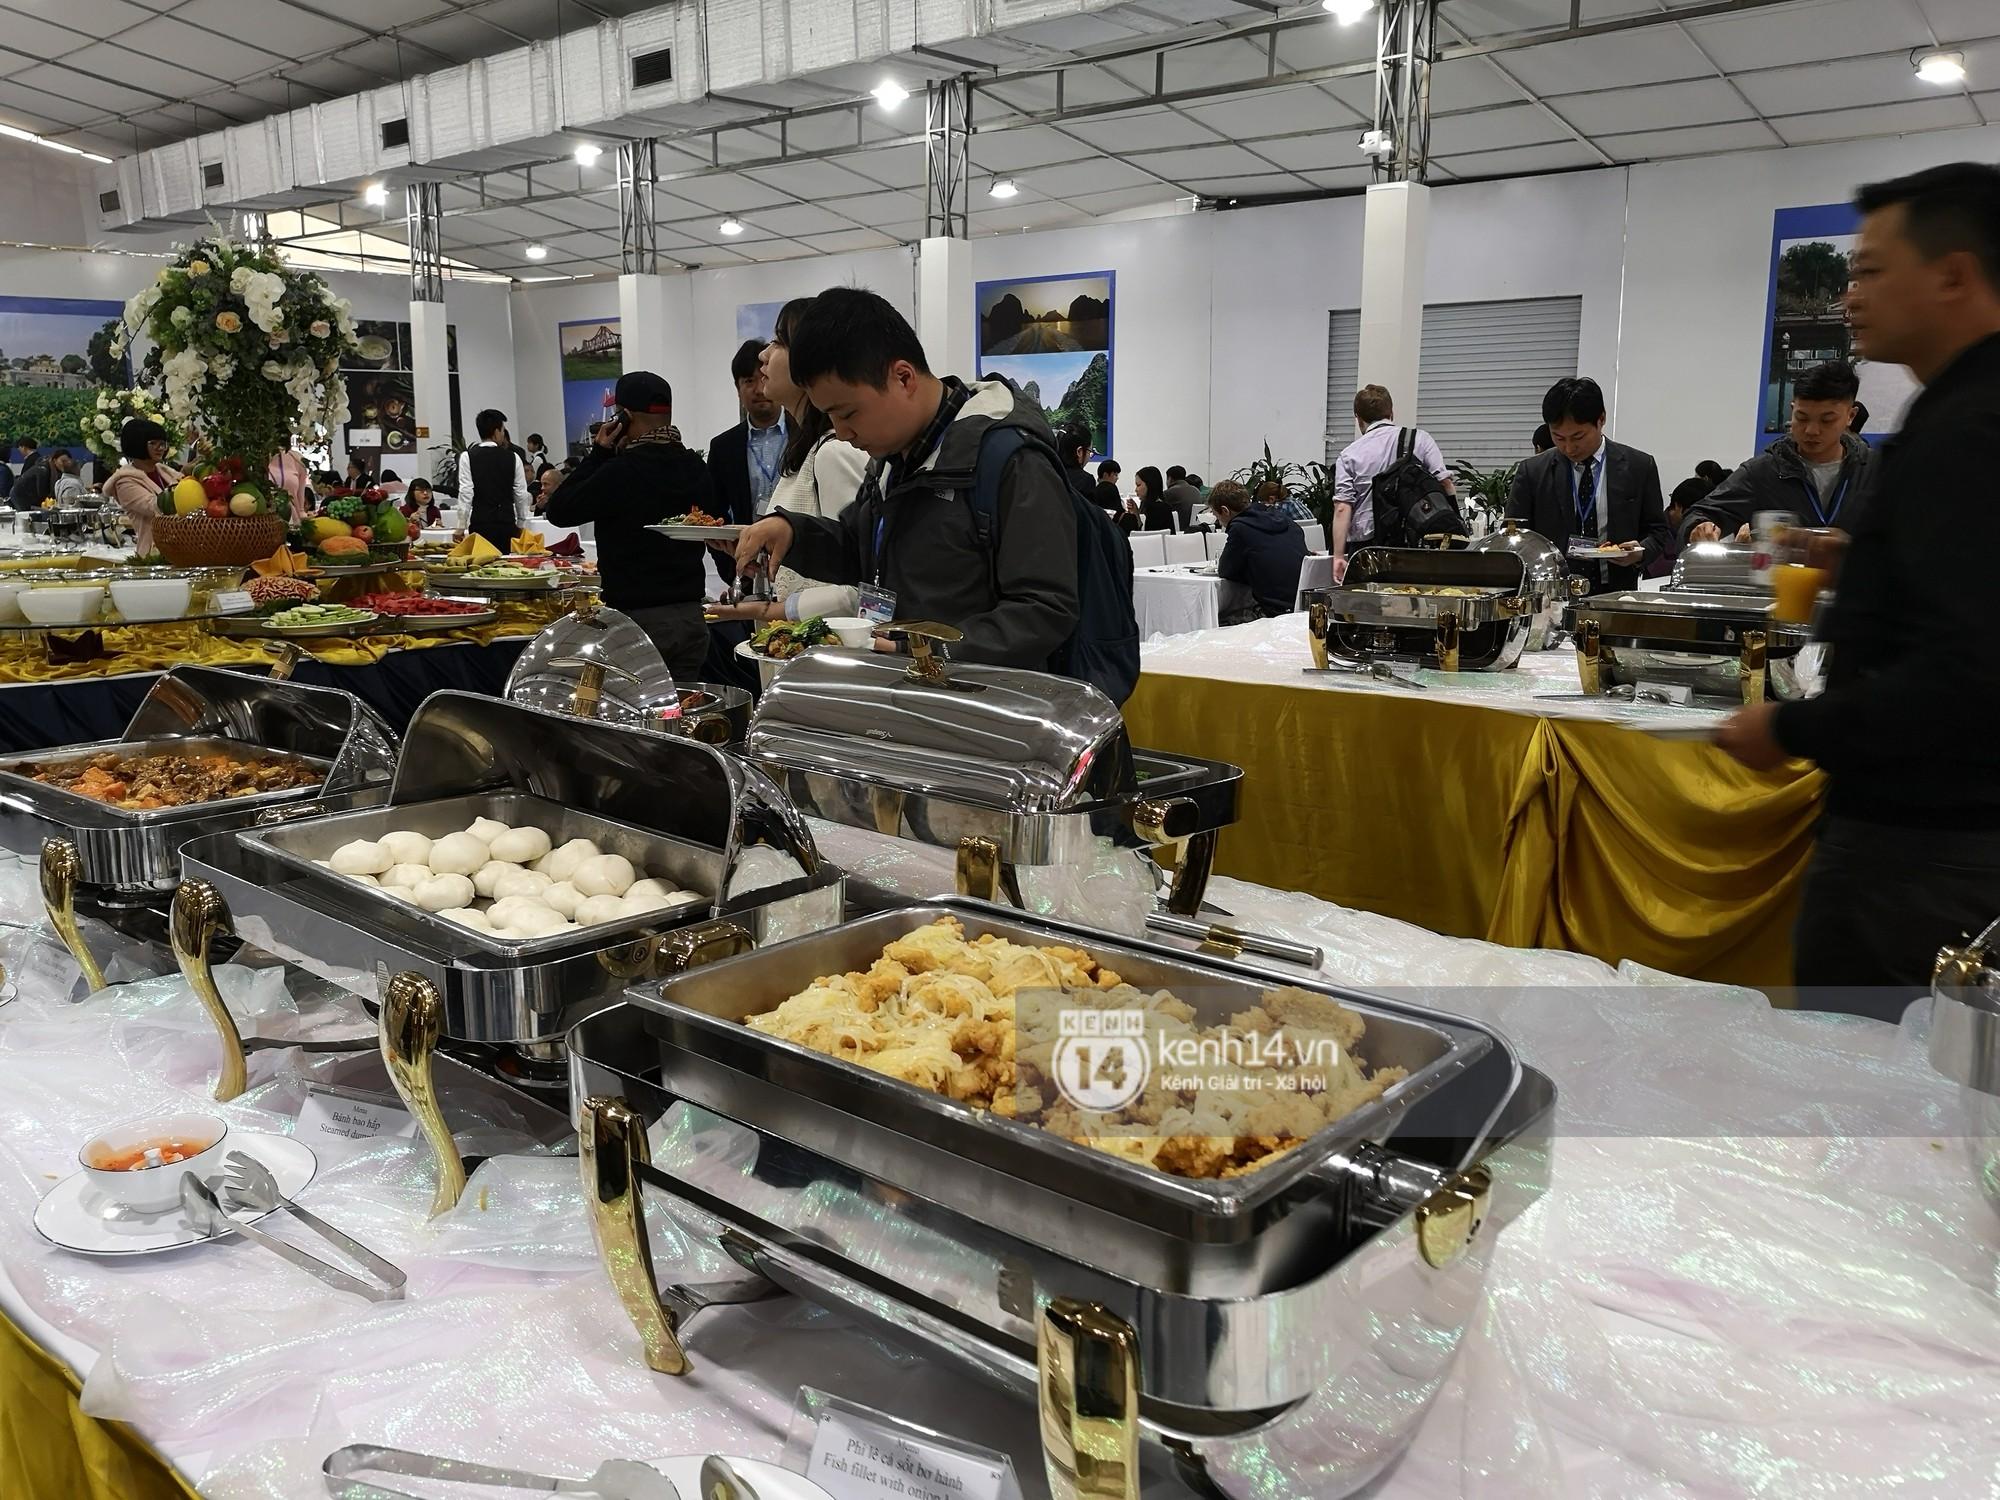 Phóng viên các nước hào hứng khi được thưởng thức ẩm thực nổi tiếng Hà thành tại trung tâm báo chí quốc tế hội nghị thượng đỉnh Mỹ - Triều - Ảnh 1.